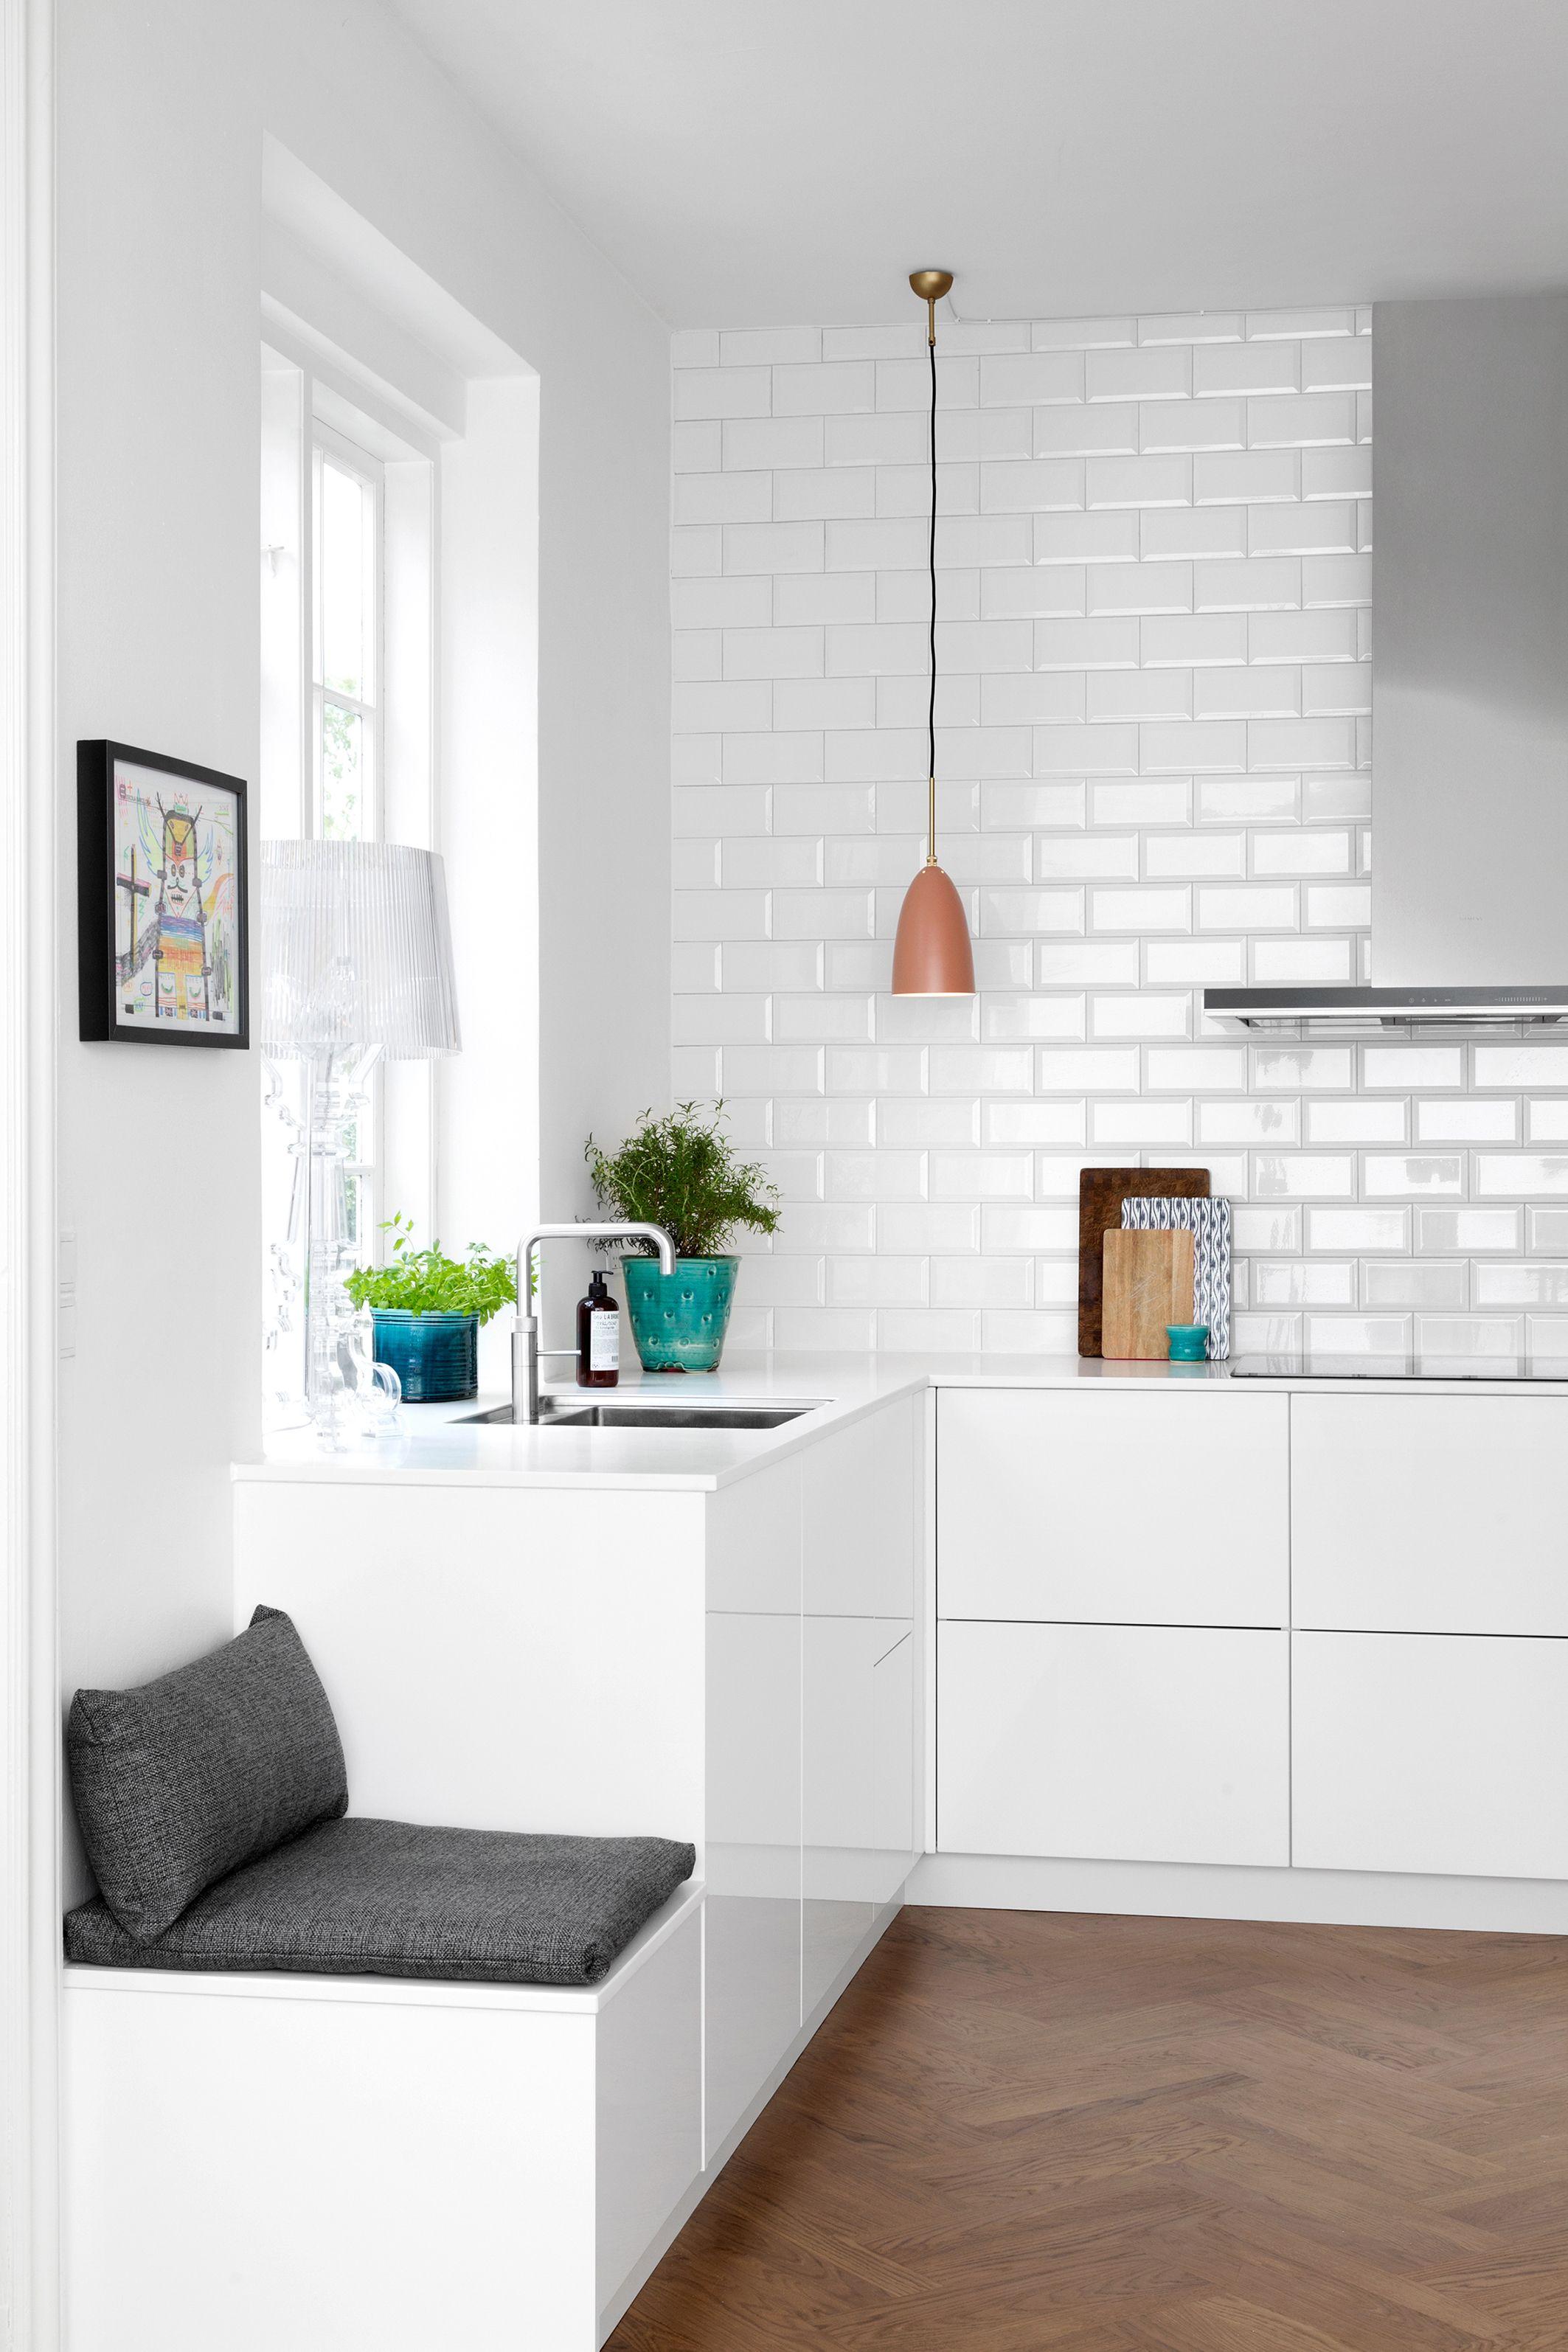 Senti – Friday Life | køkken | Pinterest | Kitchens, Open kitchens ...